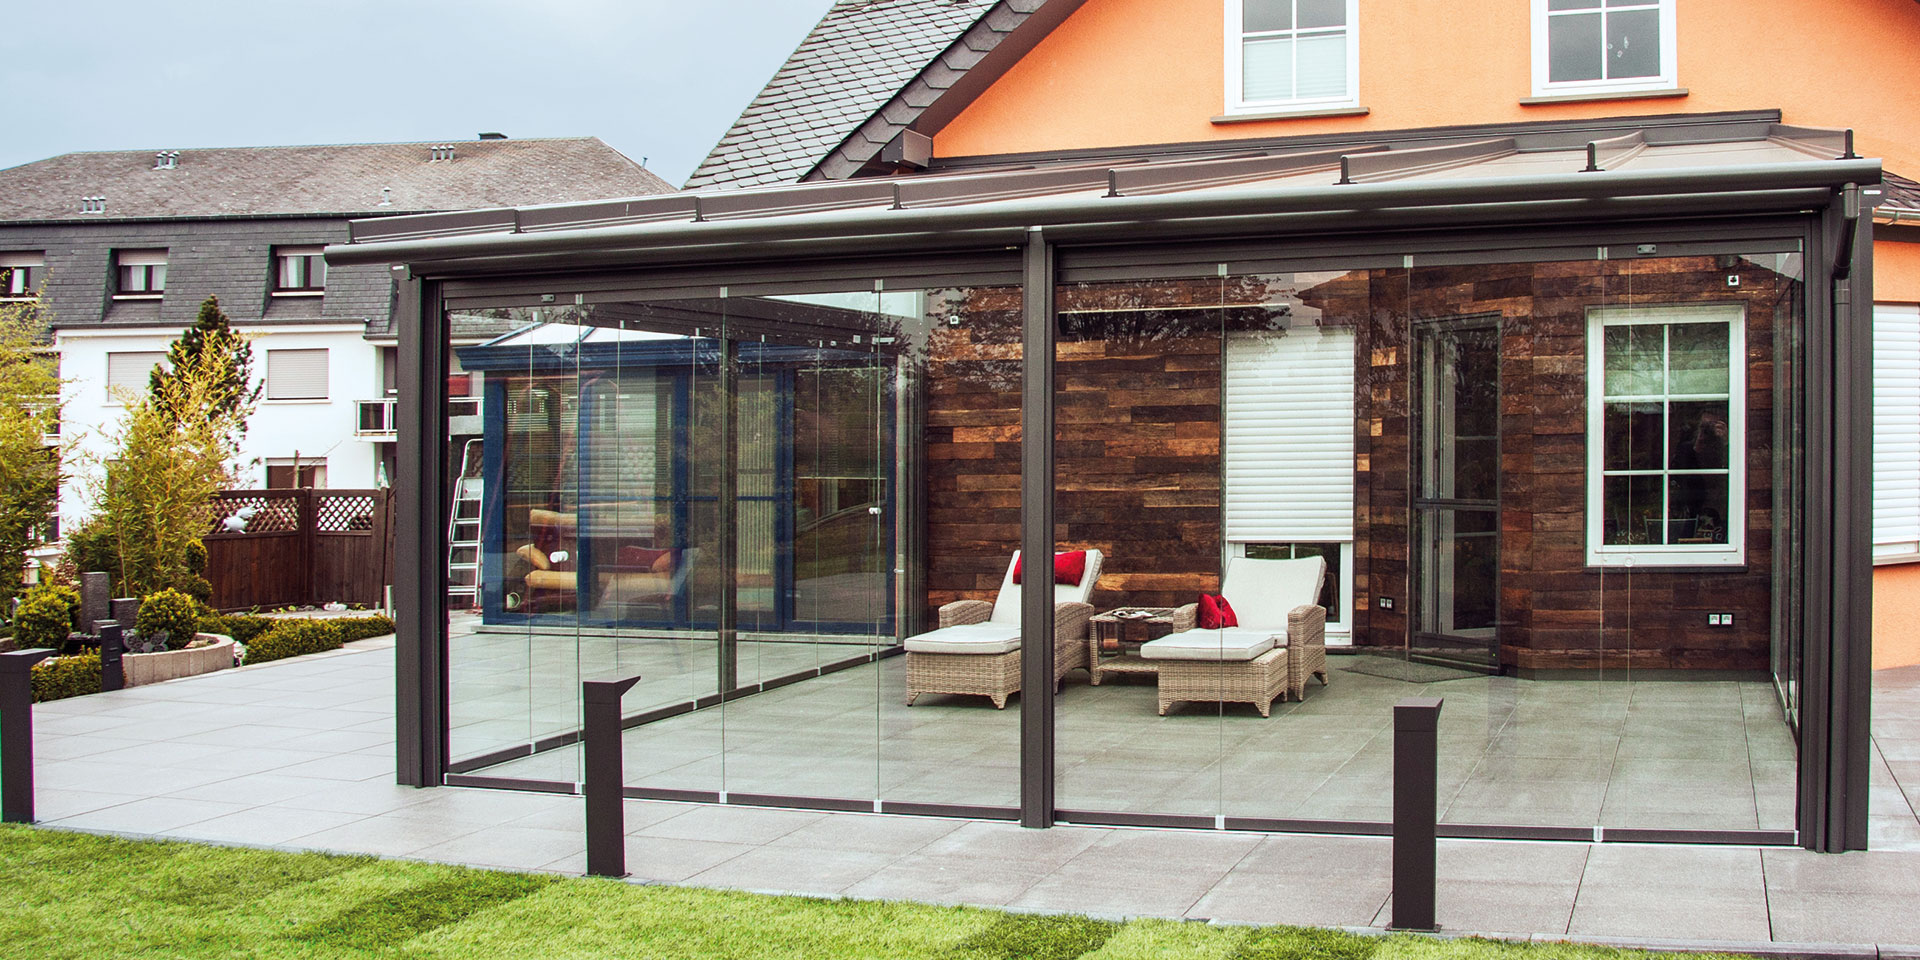 Oranges Einfamilienhaus mit einer Coplaning Veranda verglasten Terasse mit grauer Alu- Innenmarkise und integrierter Beleuchtung.